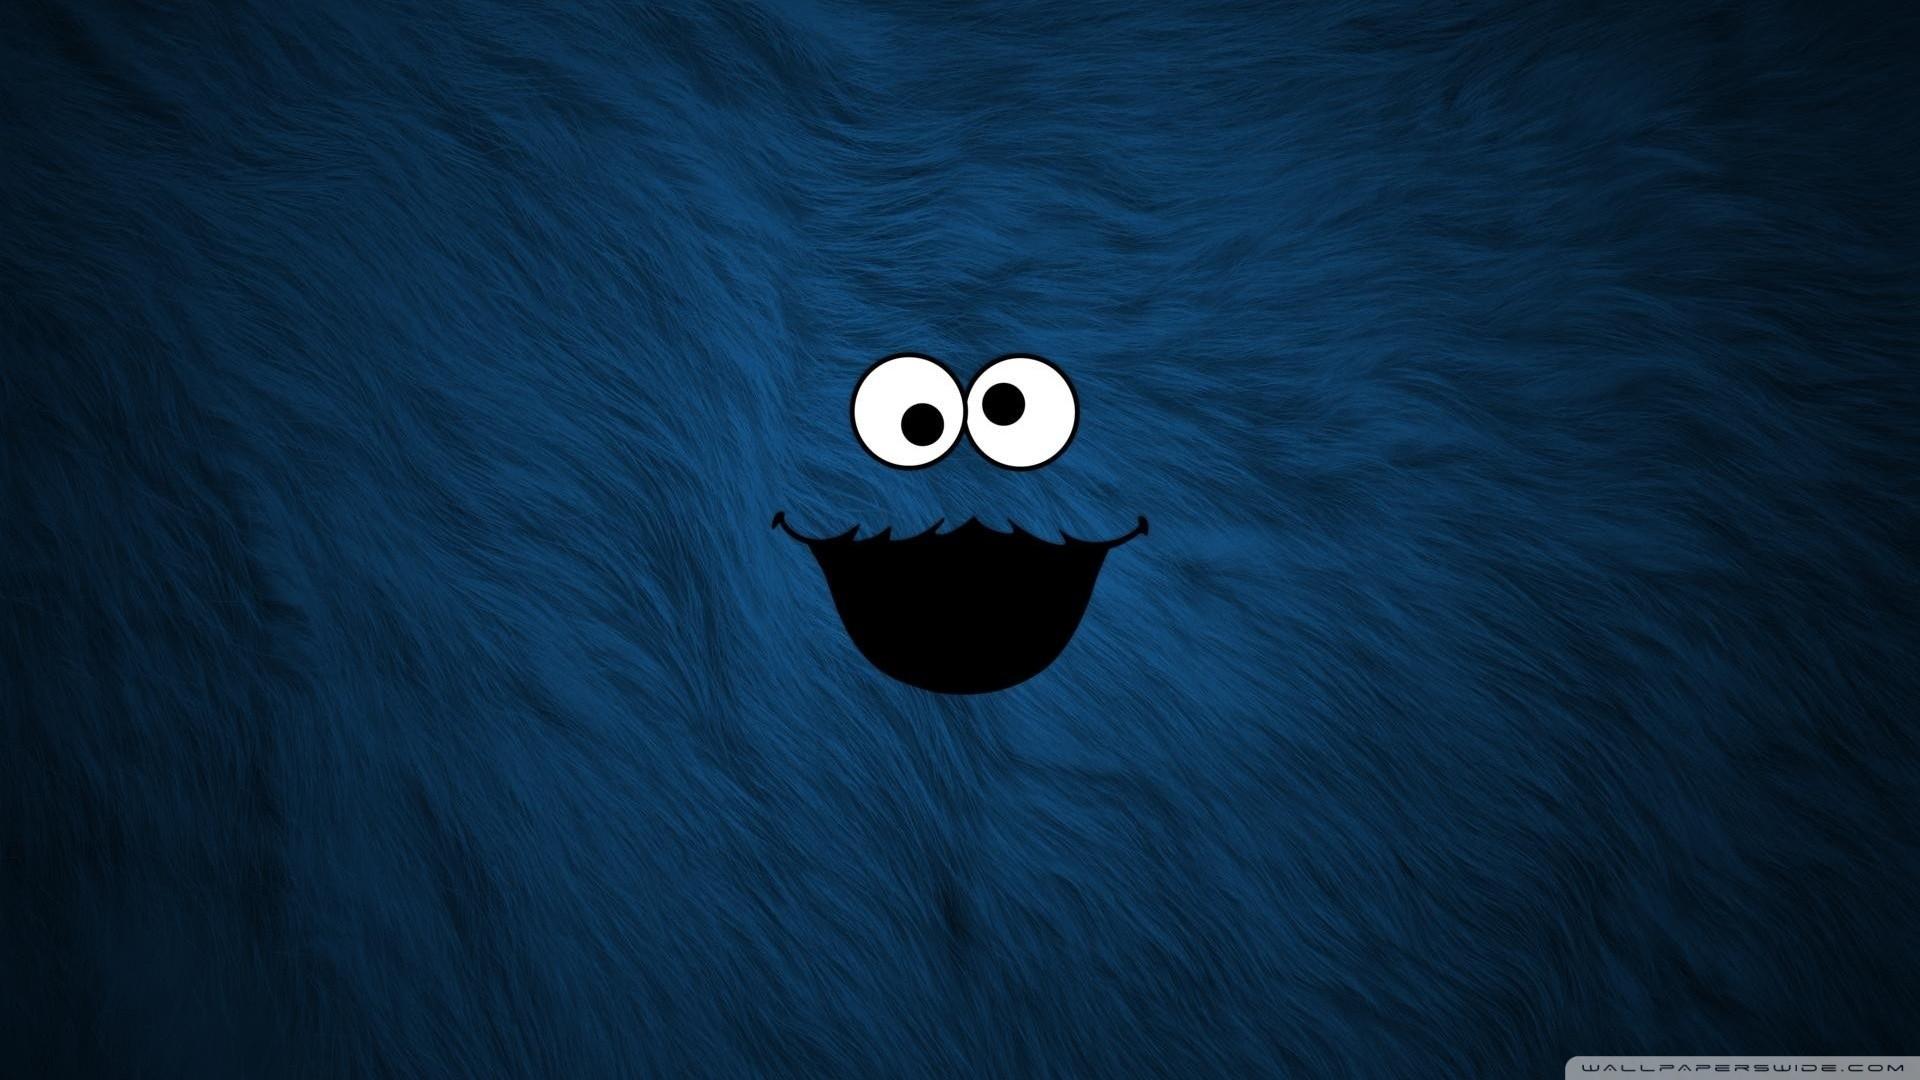 Cookie Monster Wallpaper. 1920×1080. Cinderella Cartoon Wallpapers